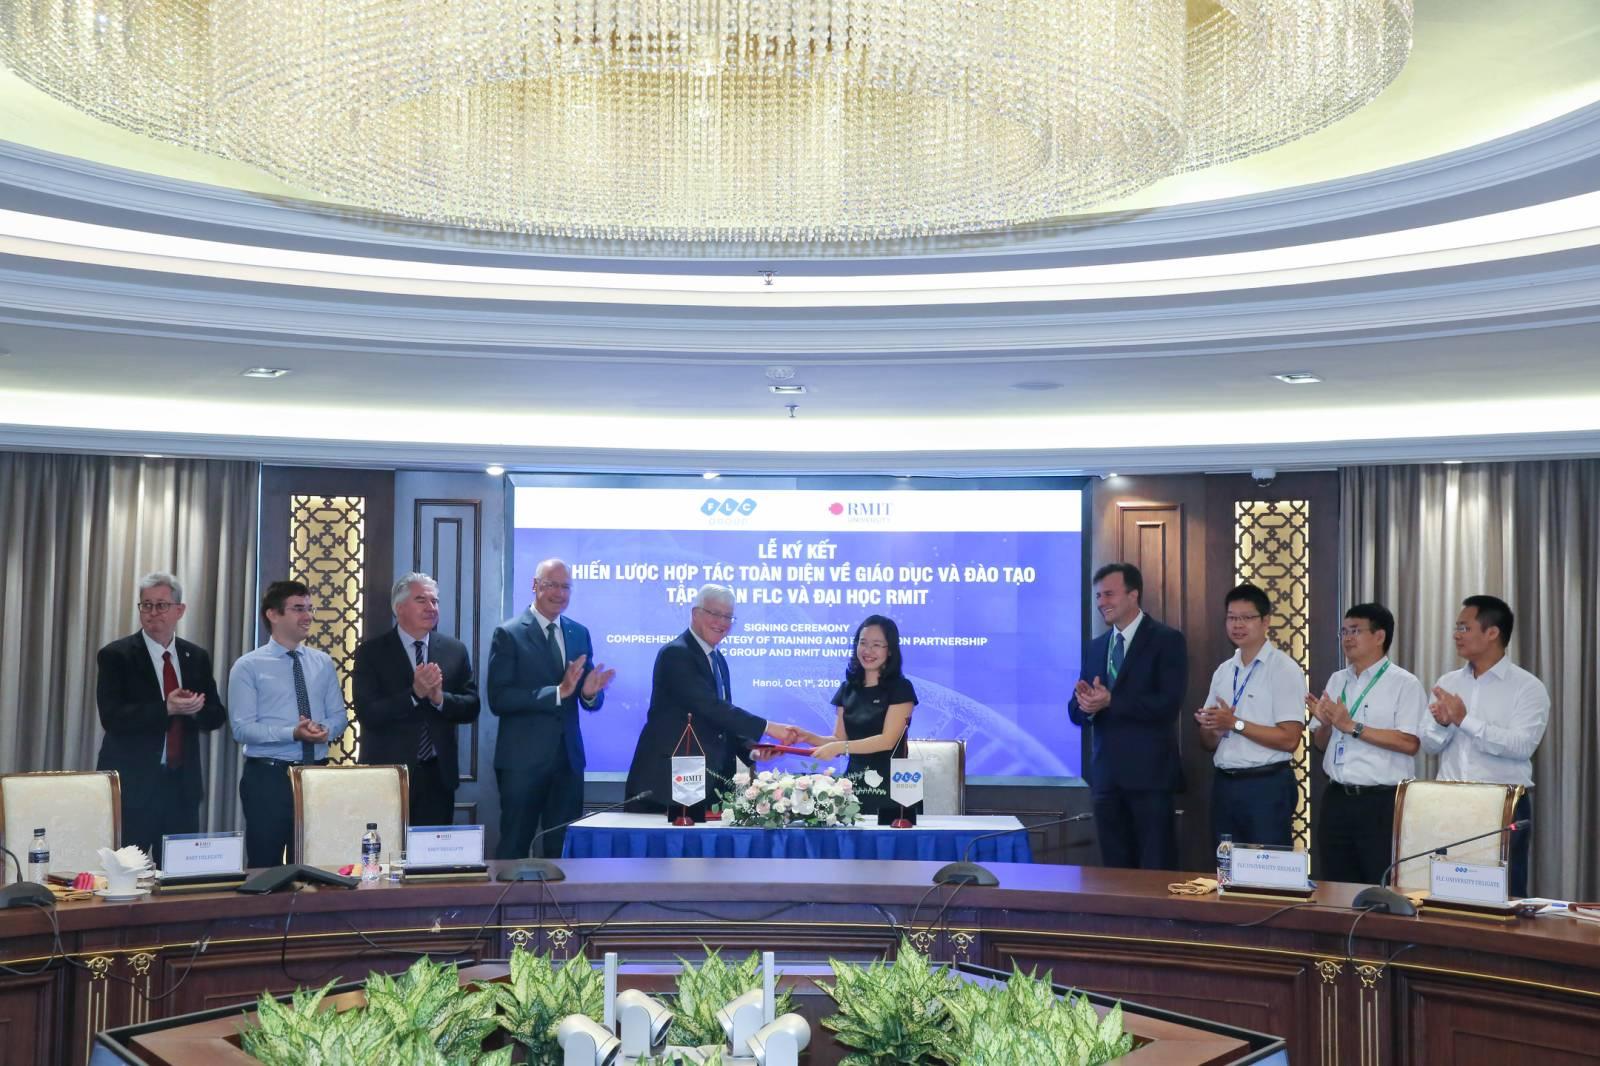 Đại học RMIT và Tập đoàn FLC hợp tác chiến lược về giáo dục và đào tạo